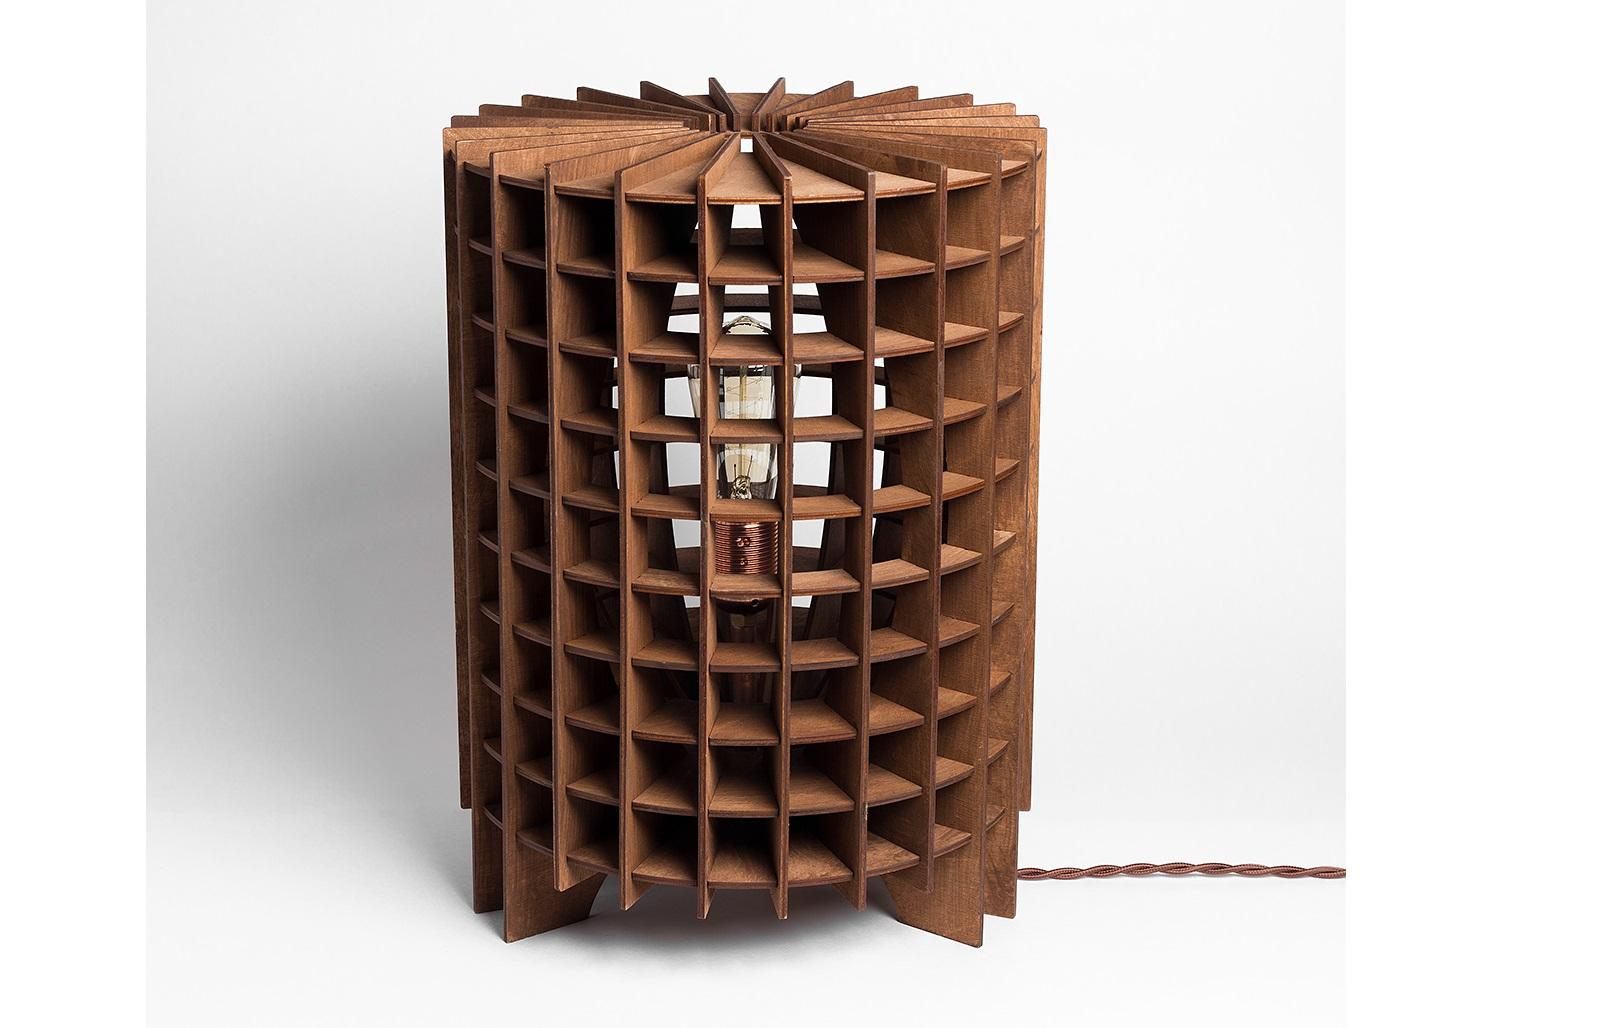 Деревянный cветильник КолизейДекоративные лампы<br>Деревянный светильник в стиле Лофт. Возможно изготовление в двух цветах - натуральный ( покрытый лаком ) и темный ( мореный )&amp;amp;nbsp;&amp;lt;div&amp;gt;&amp;lt;br&amp;gt;&amp;lt;/div&amp;gt;&amp;lt;div&amp;gt;&amp;lt;div&amp;gt;Вид цоколя: E27&amp;lt;/div&amp;gt;&amp;lt;div&amp;gt;Мощность: 60W&amp;lt;/div&amp;gt;&amp;lt;div&amp;gt;Количество ламп: 1 (нет в комплекте)&amp;lt;/div&amp;gt;&amp;lt;/div&amp;gt;&amp;lt;div&amp;gt;&amp;lt;br&amp;gt;&amp;lt;/div&amp;gt;<br><br>Material: Дерево<br>Высота см: 41